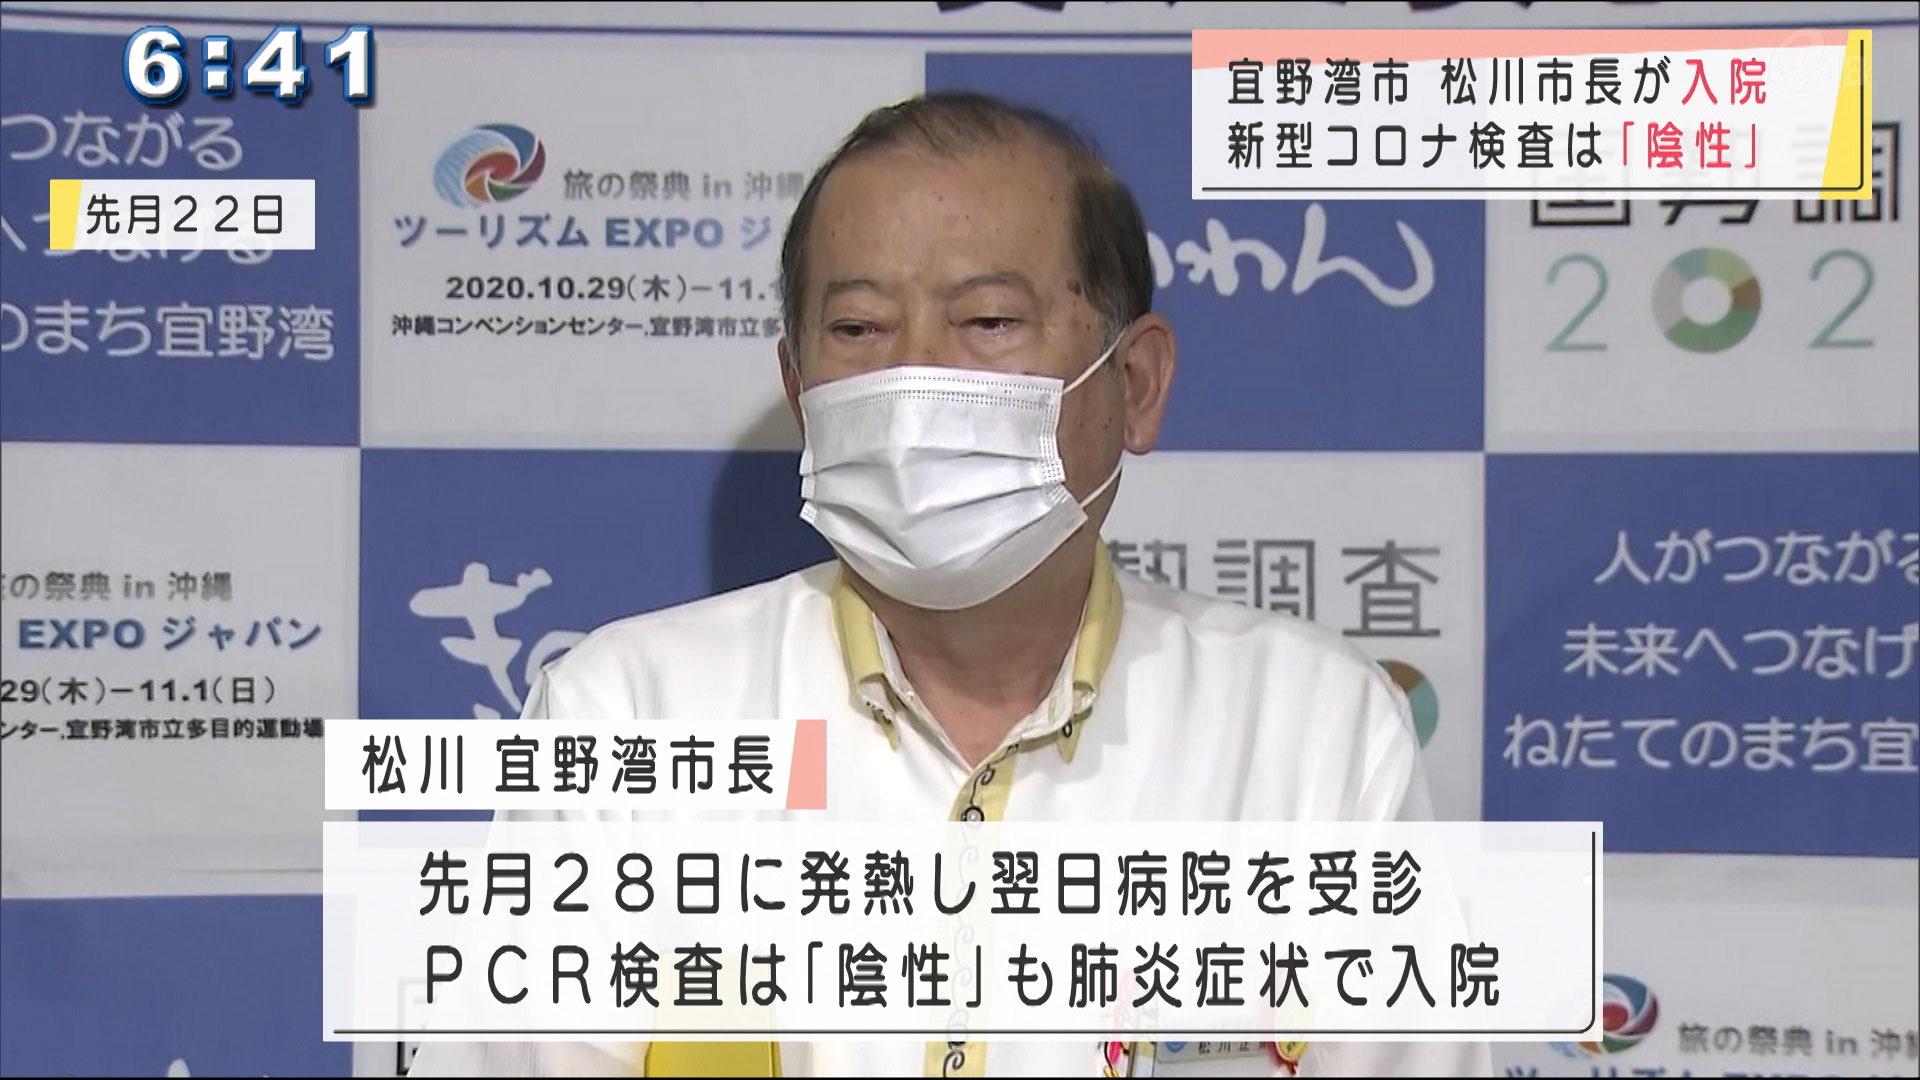 宜野湾市 松川市長が肺炎の症状で入院